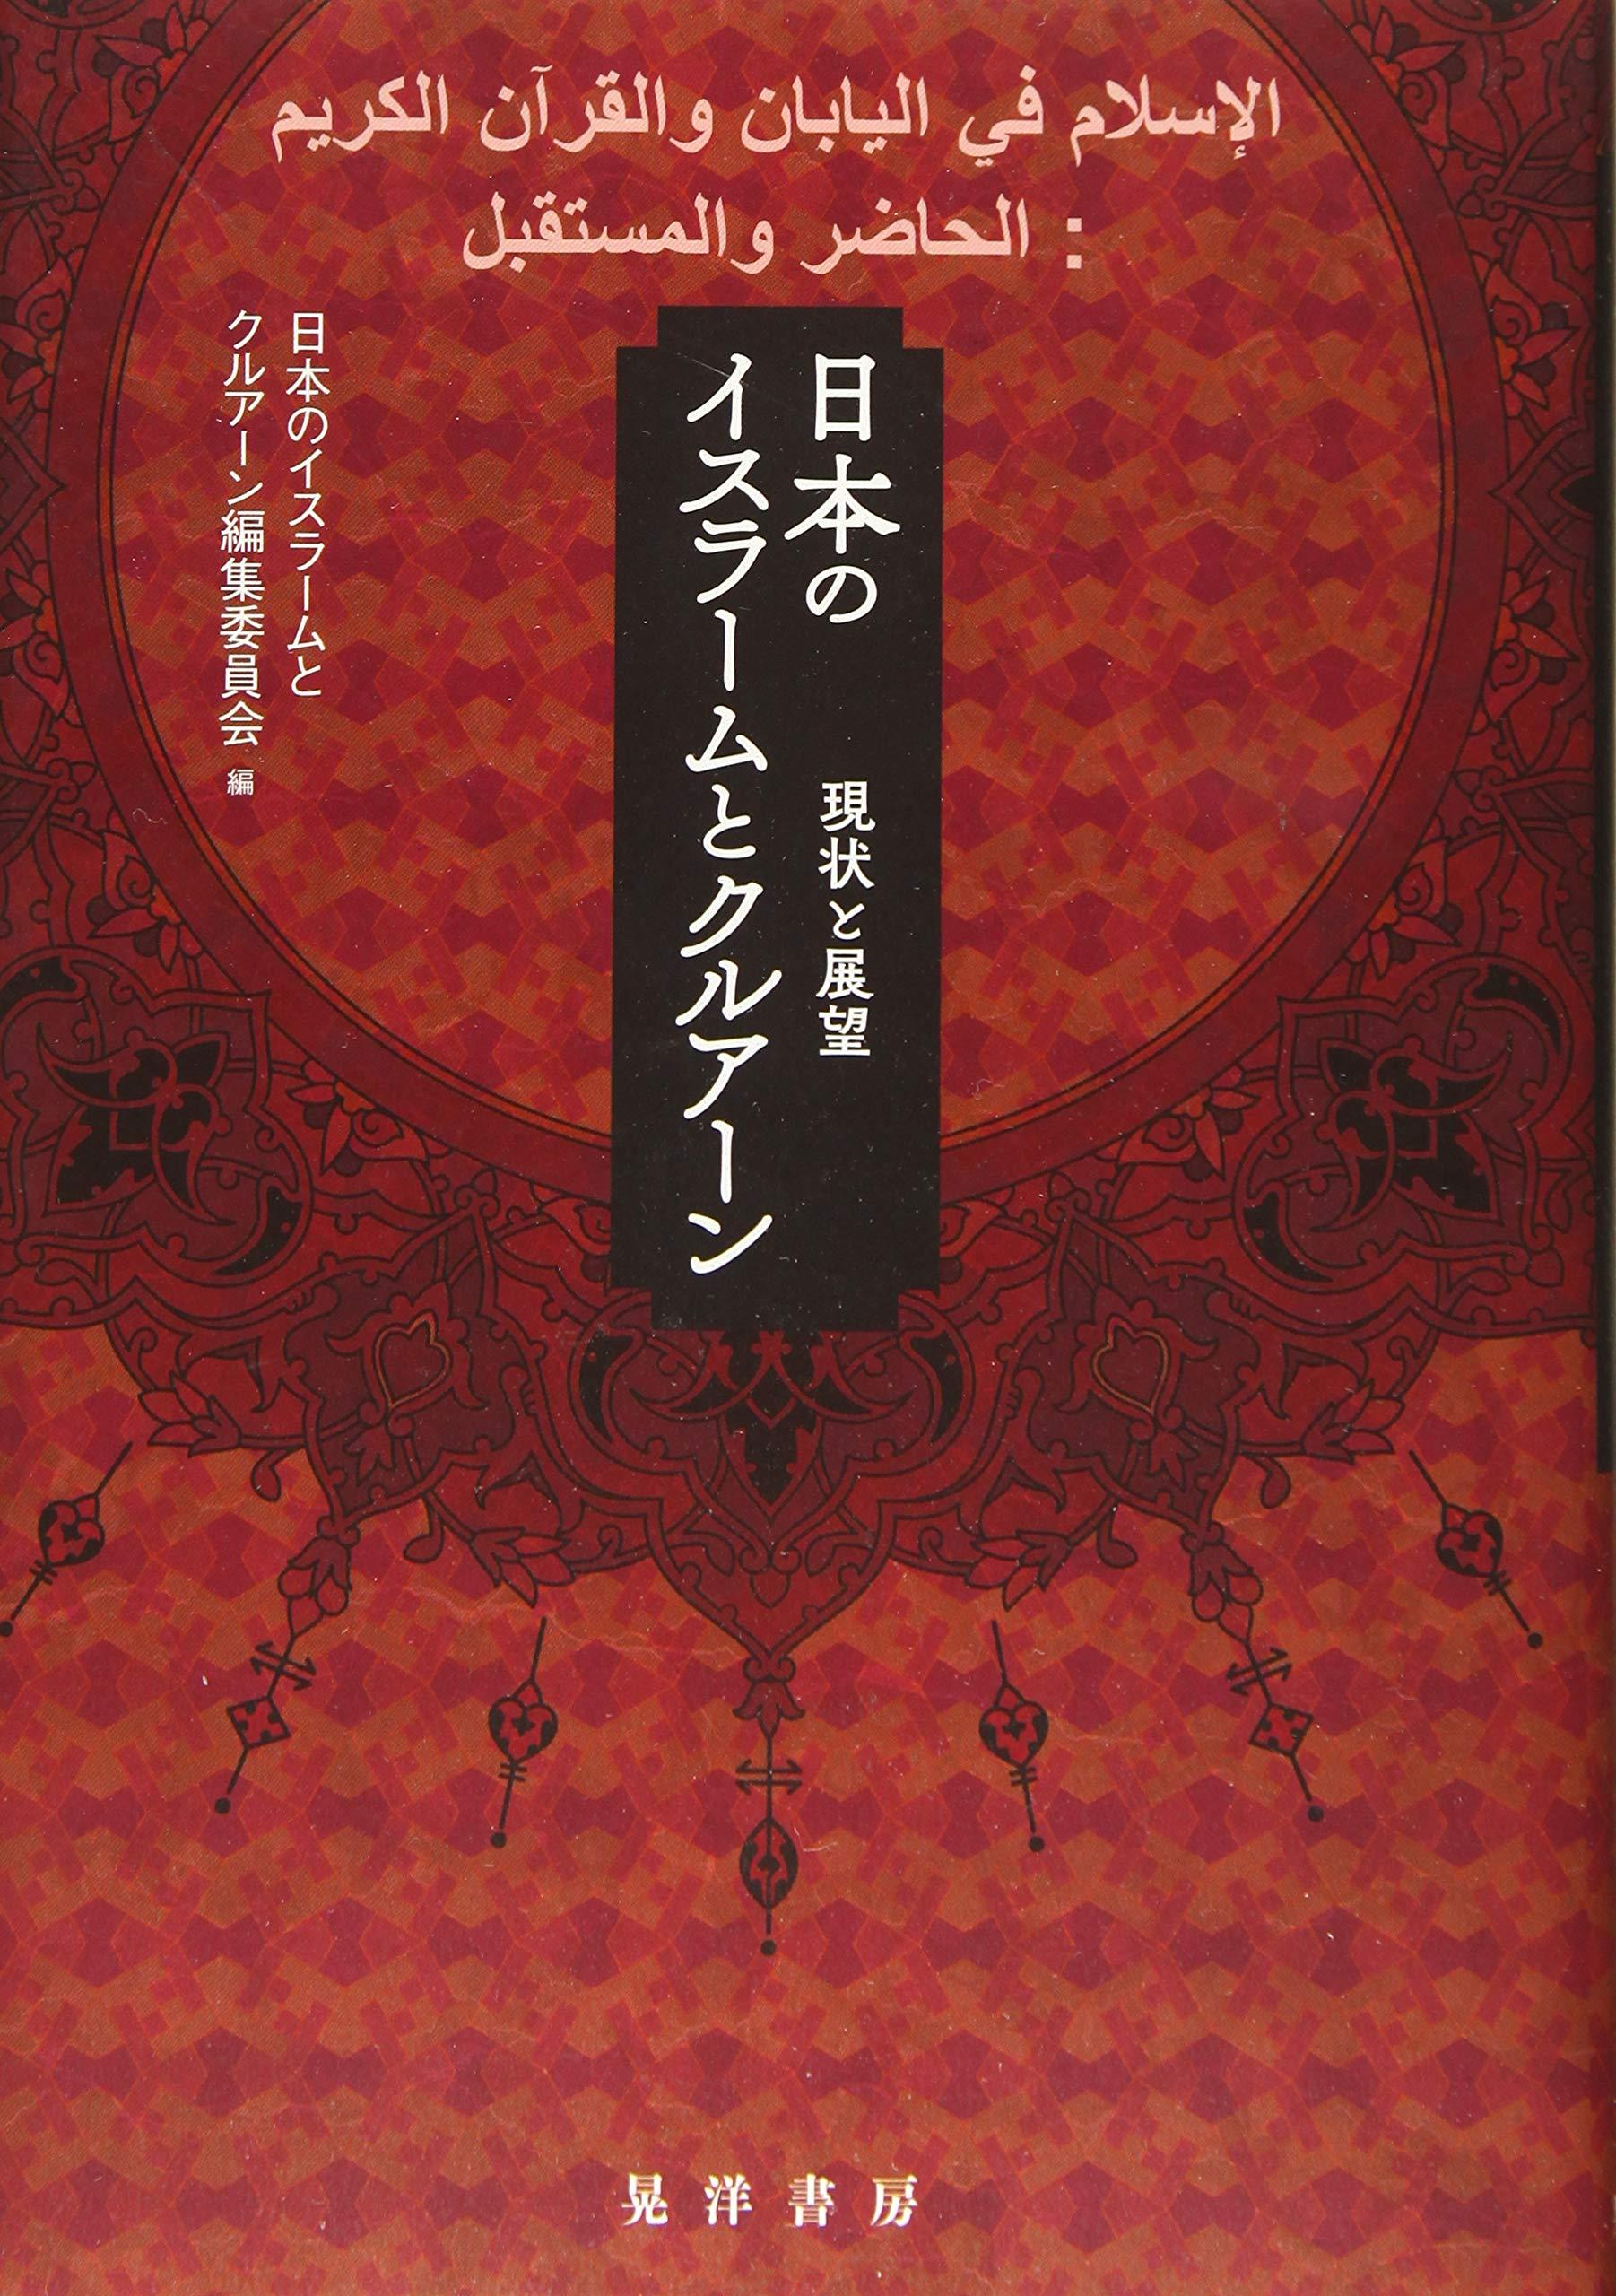 日本のイスラームとクルアーン―現状と展望― | 日本のイスラームと ...